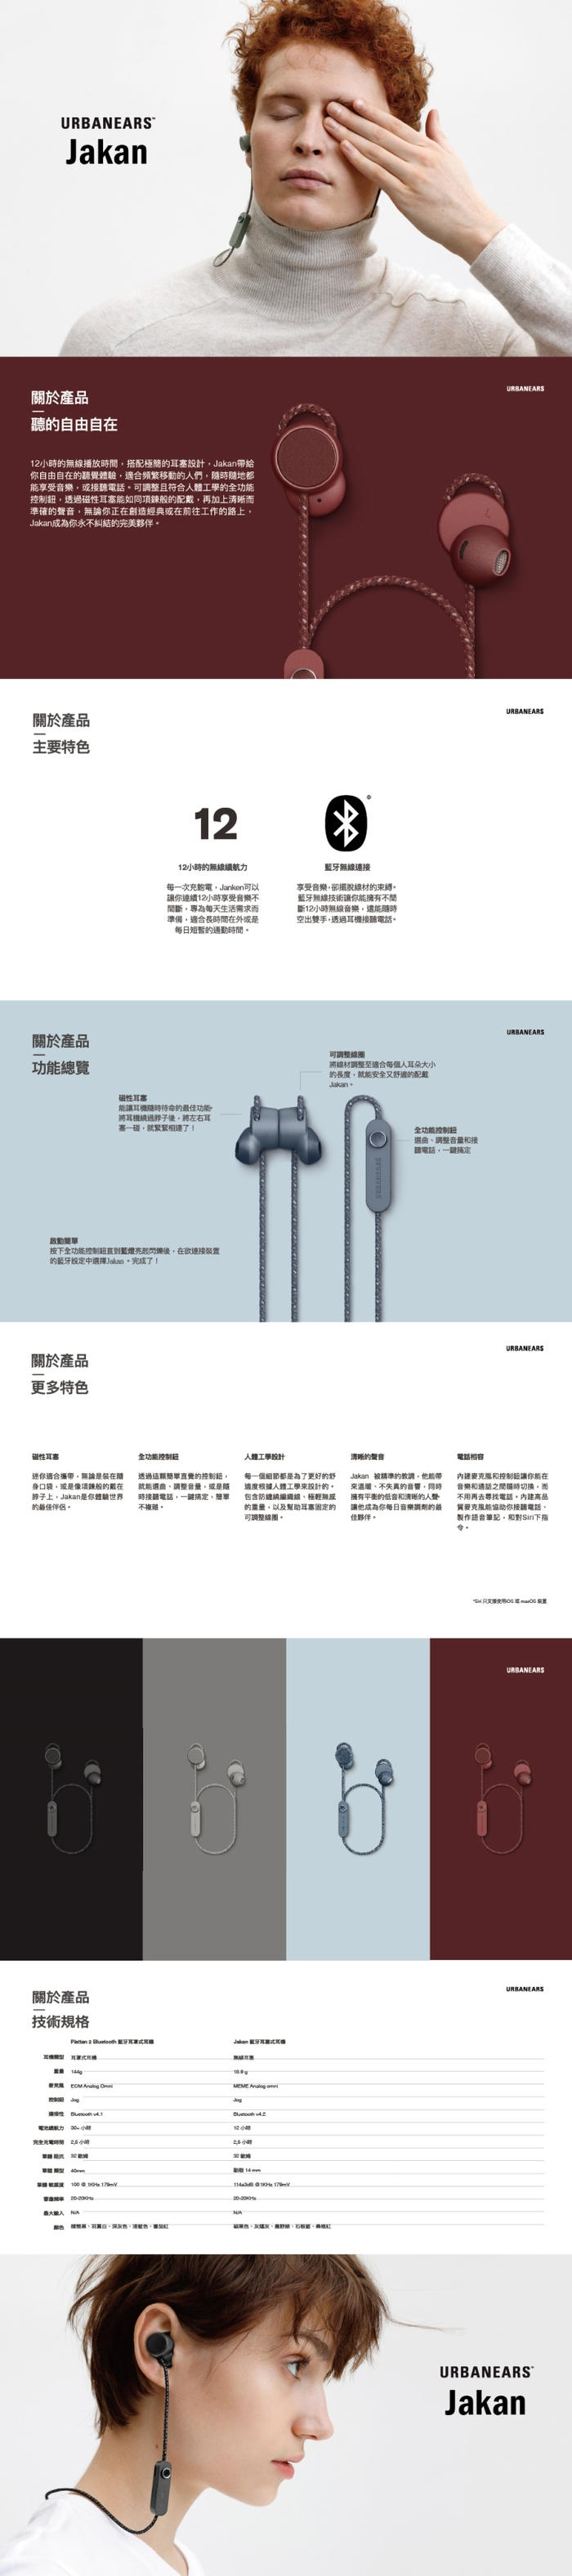 (複製)URBANEARS|Plattan II經典耳罩式耳機(精簡黑)